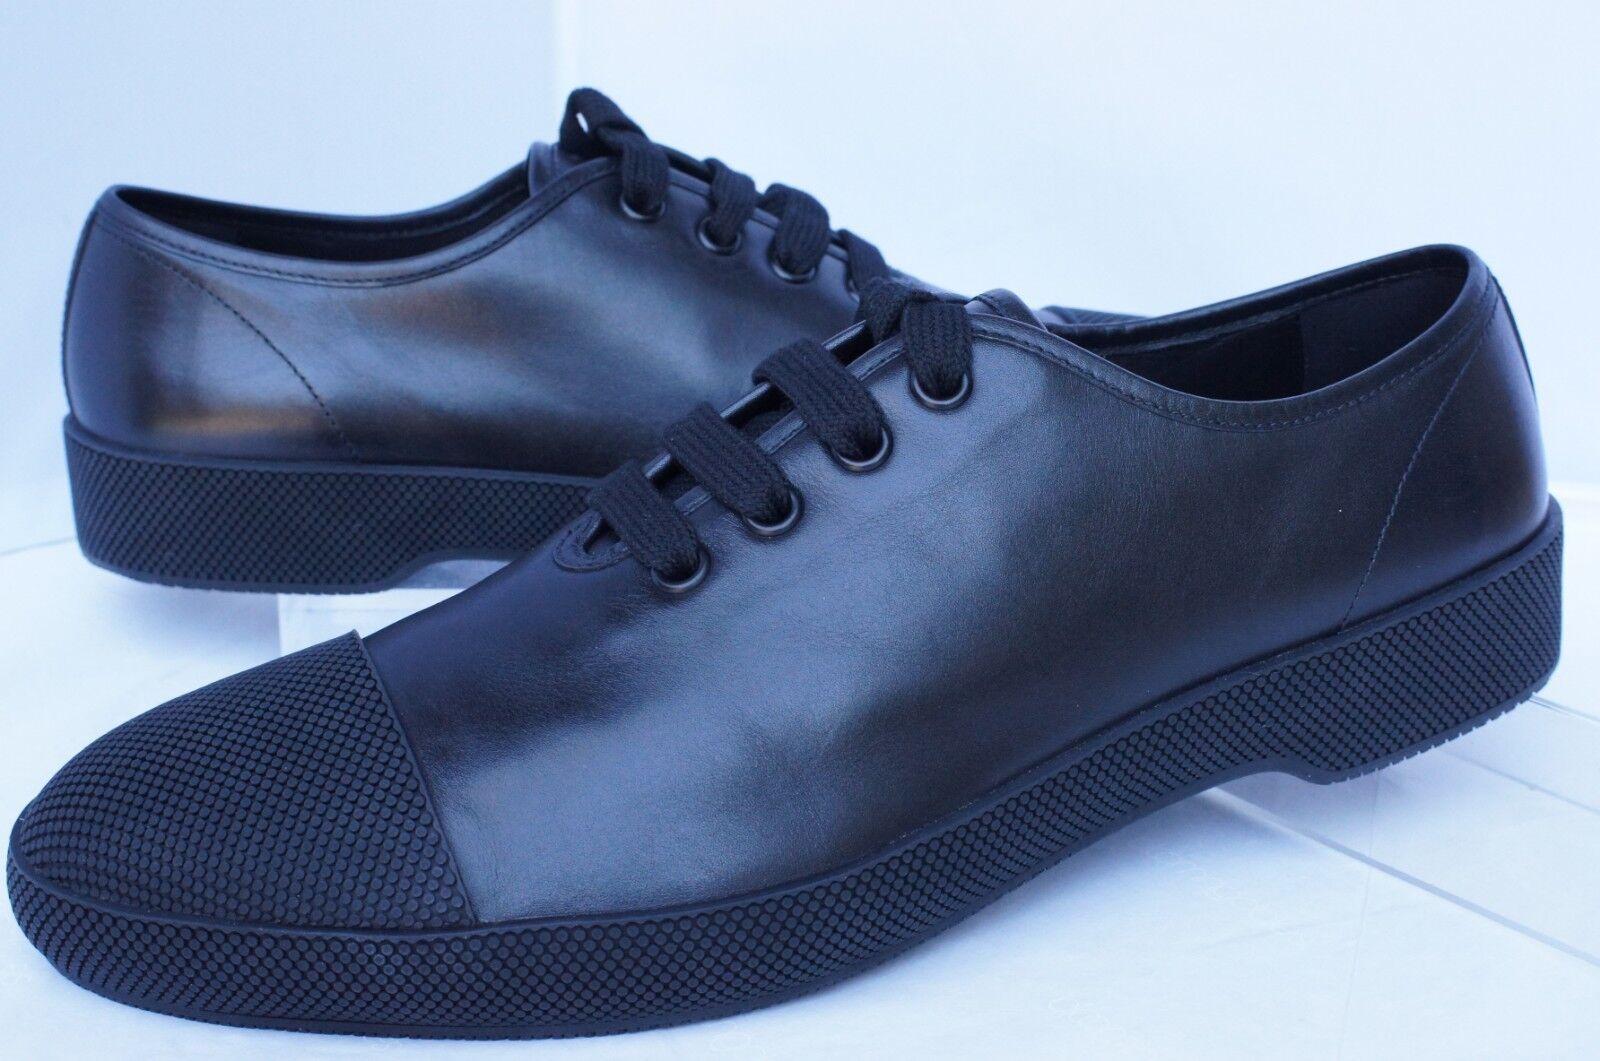 New Prada Mens Black Sneakers Shoes Size 11 Vitello Plume Tennis Leather